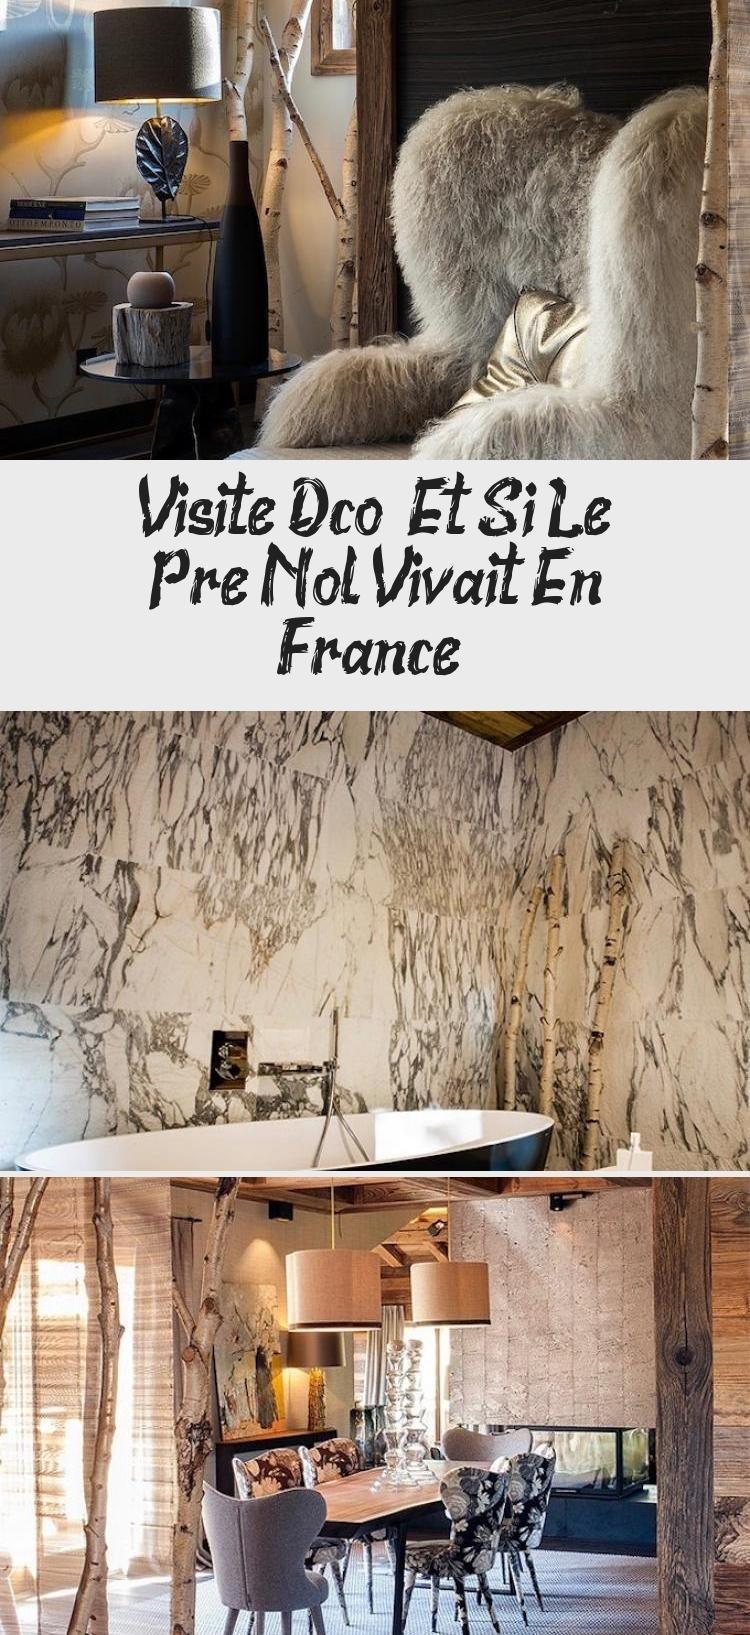 Arbre Bois Blanc Decoration visite déco : et si le père noël vivait en france | deco, france